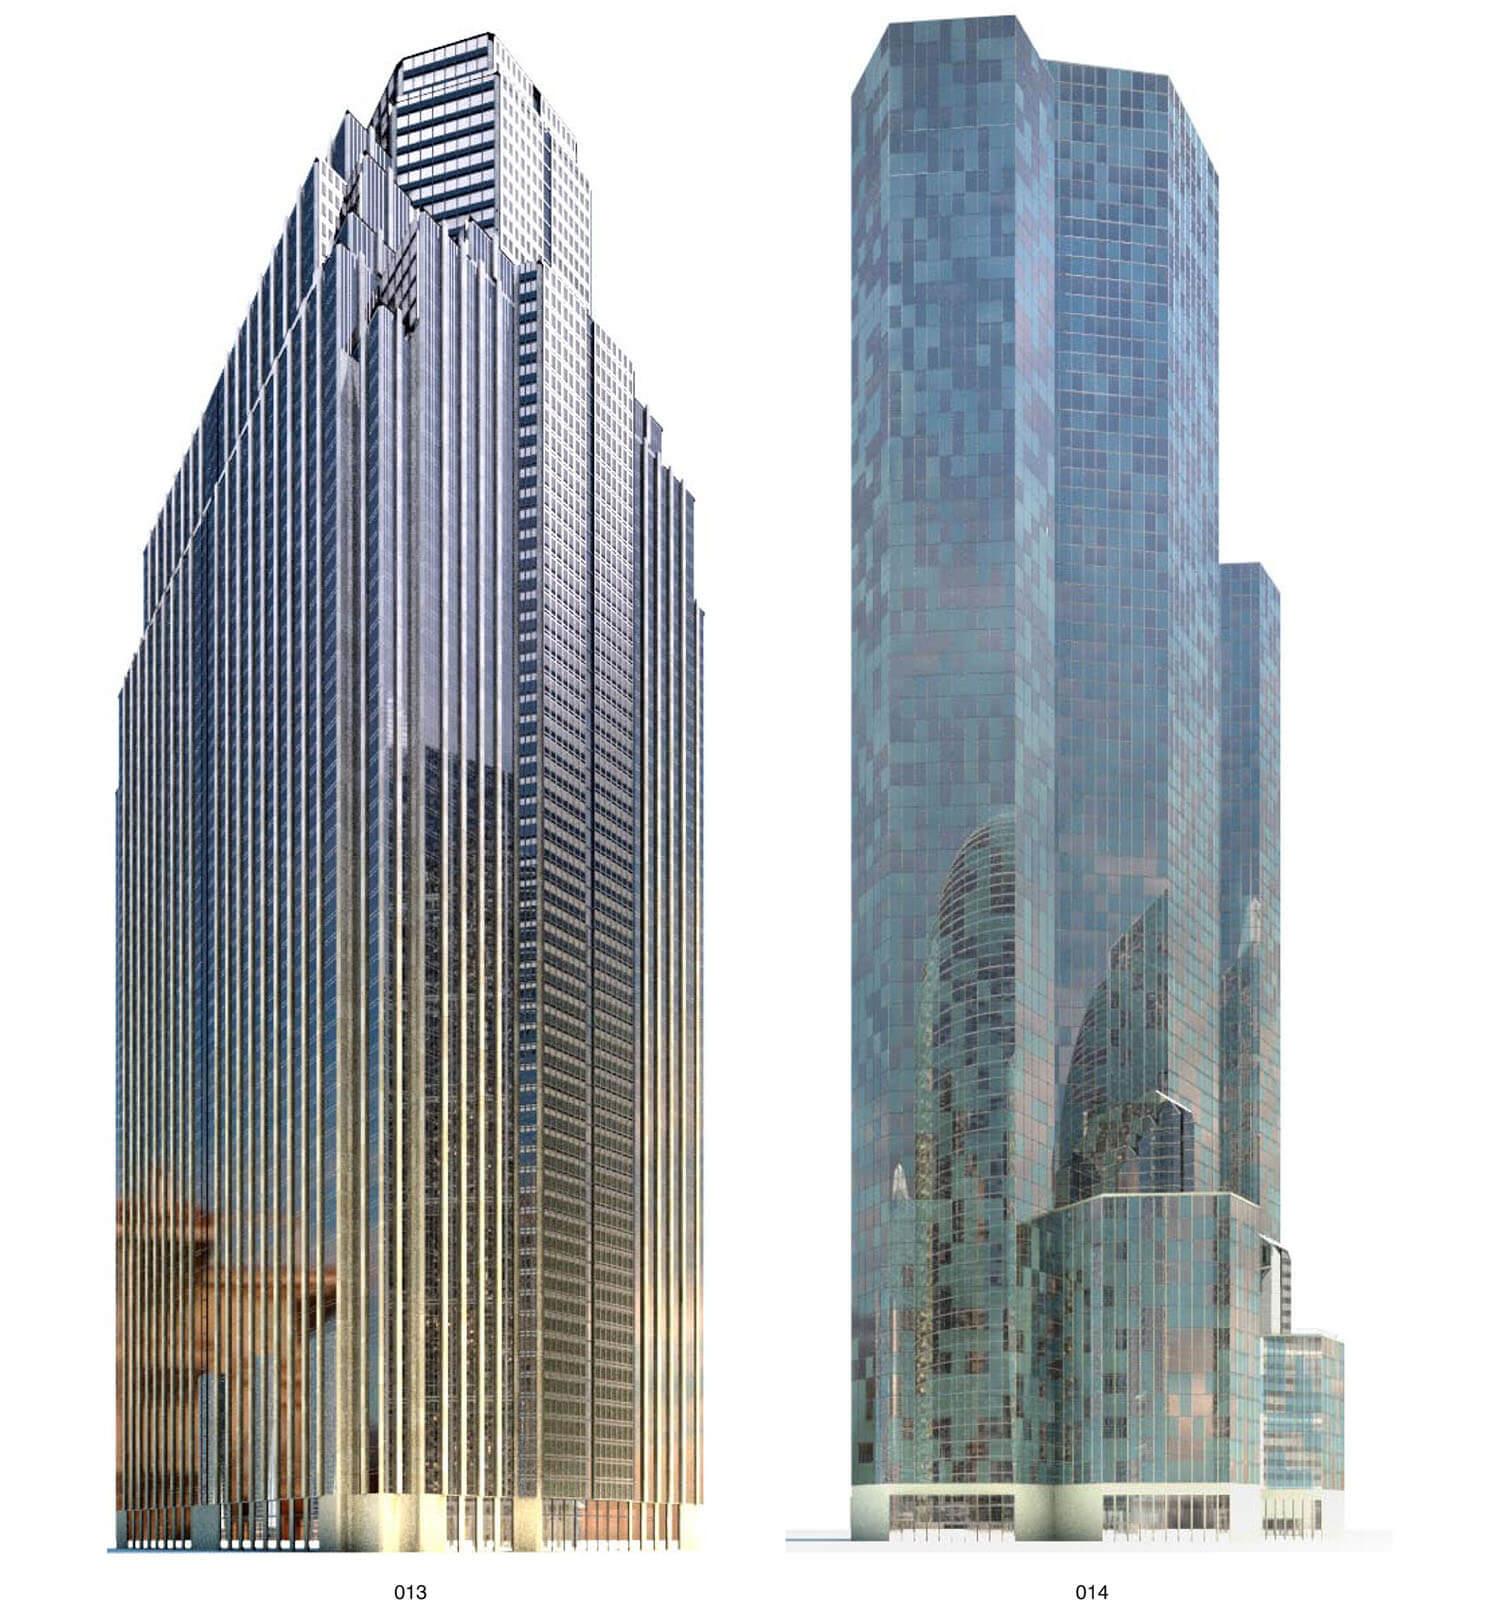 Phần nóc nhà cao tầng được thiết kế như nhiều nóc tòa nhà chụp vào nhau